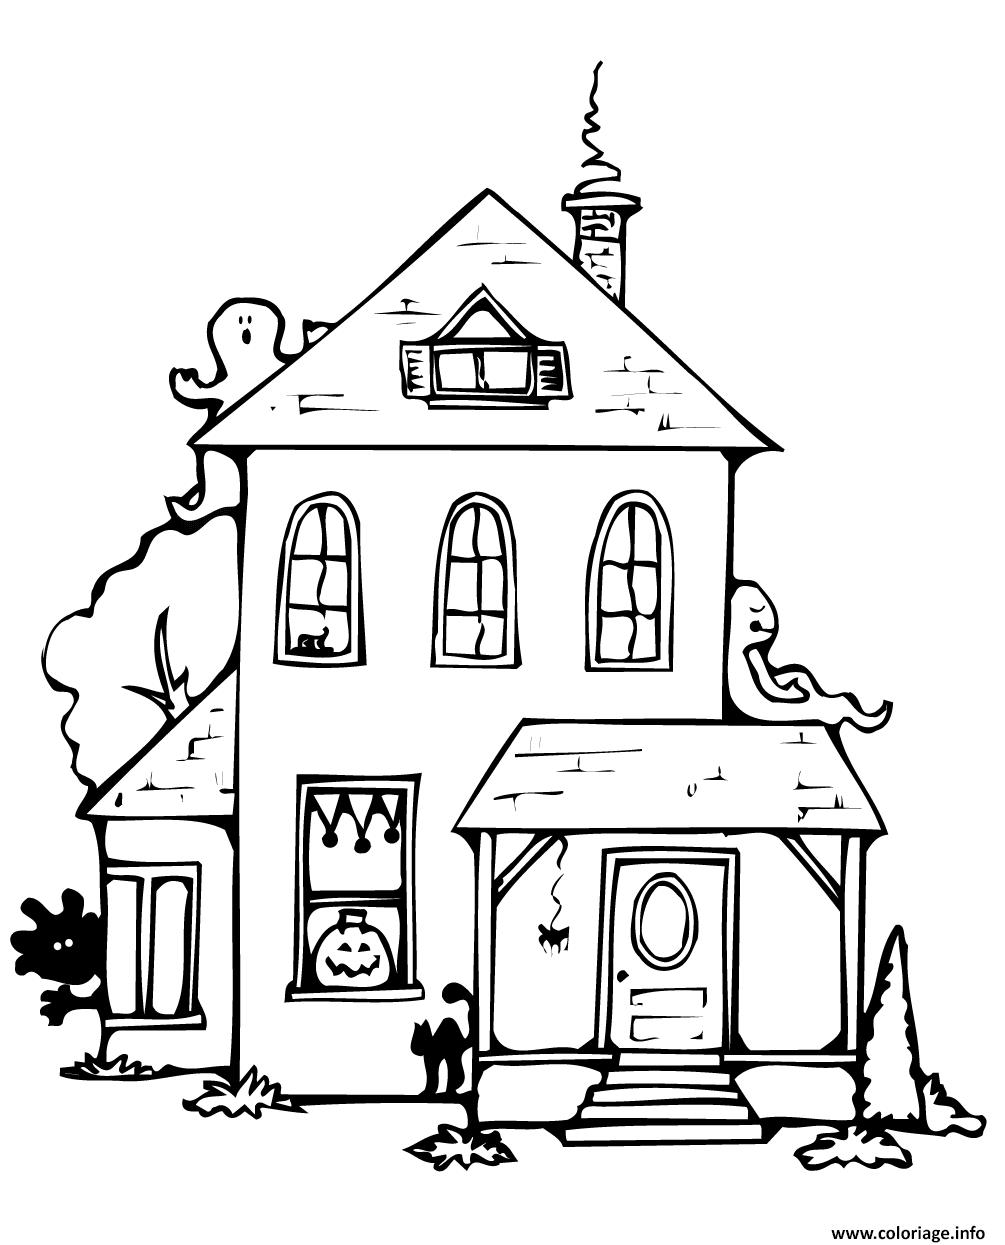 Coloriage Maison Hantee Halloween Avec Fantomes Citrouille Chat Dessin Maison A Imprimer